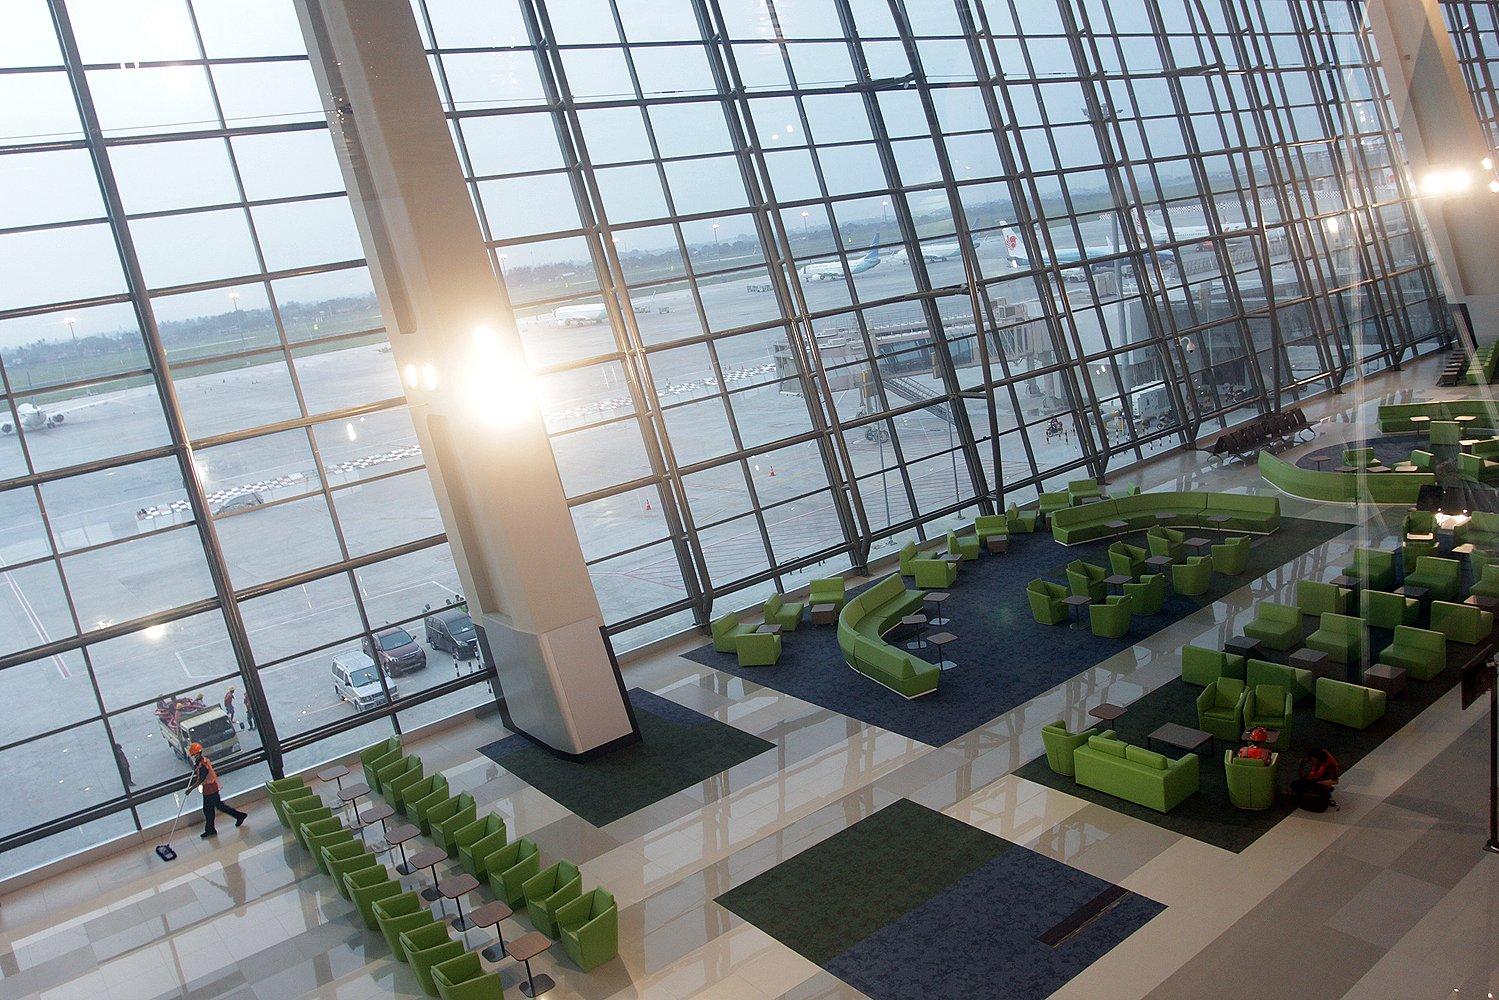 Terminal yang memiliki 28 gate, terdiri atas 10 gate internasional dan 18 gate domestik ini, diklaim menyaingi Bandara Internasional Changi di Singapura.